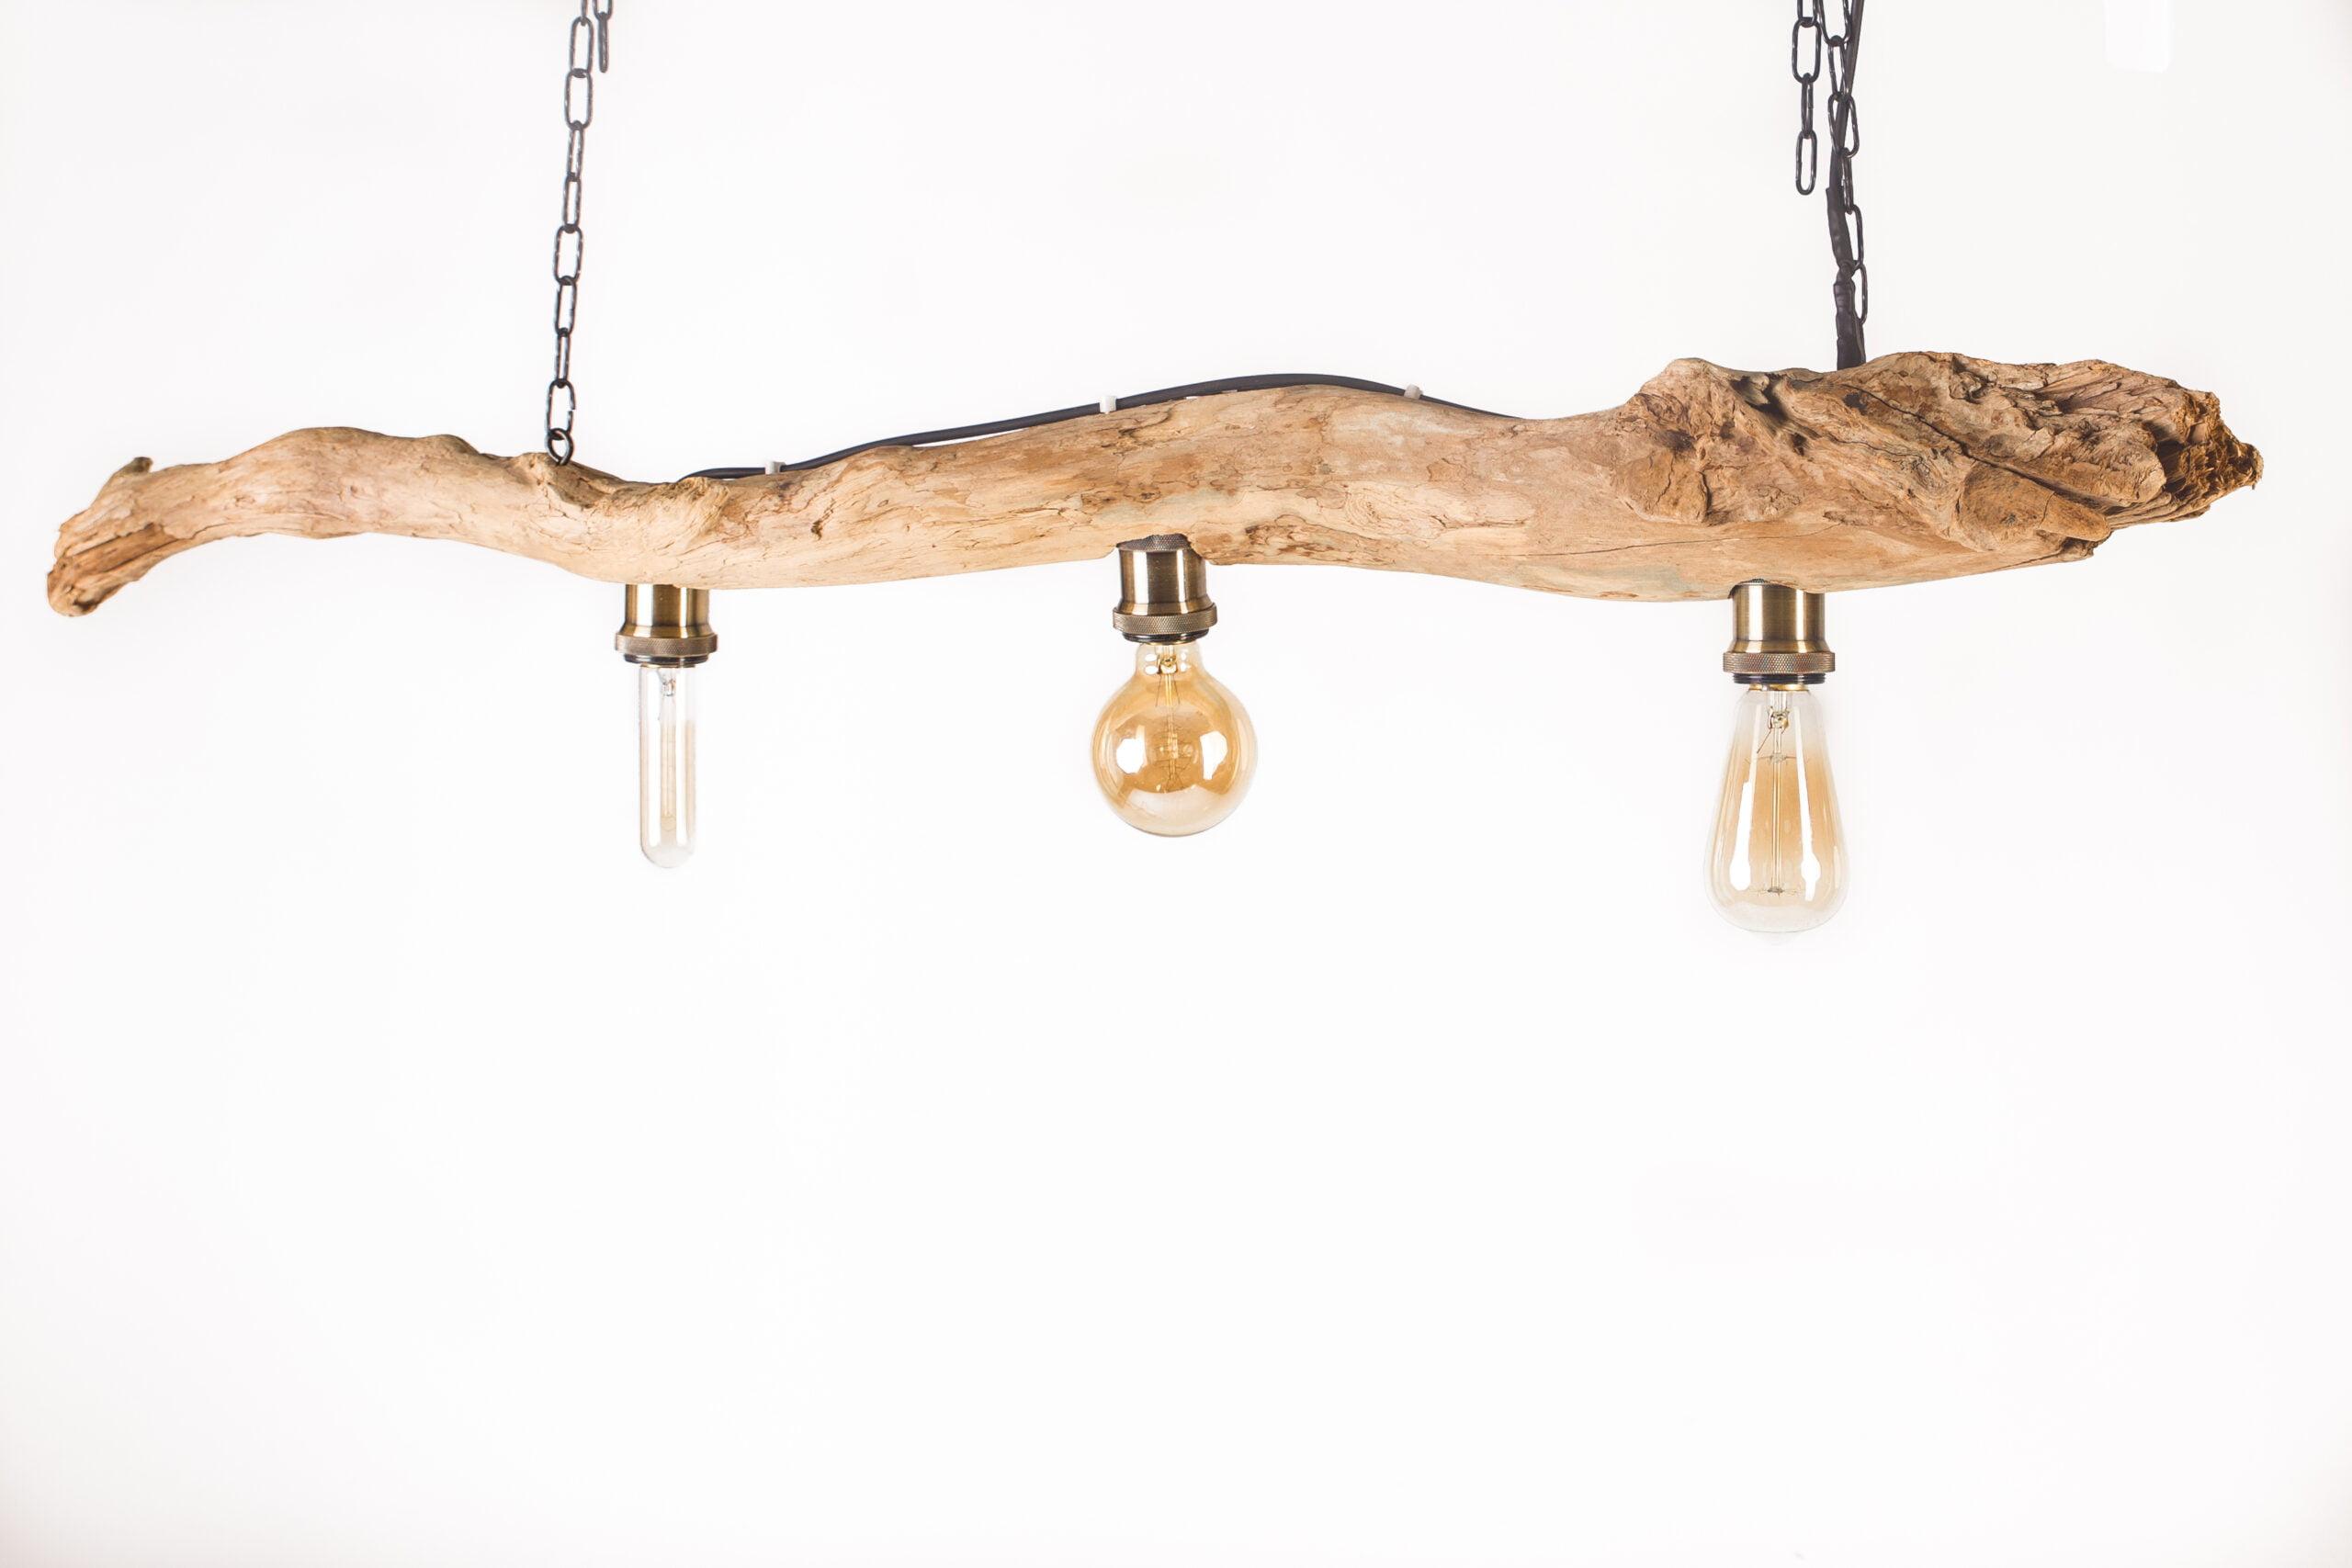 Hängelampe aus Schwemmholz für Tisch, drei verschiedene Vintagelampen